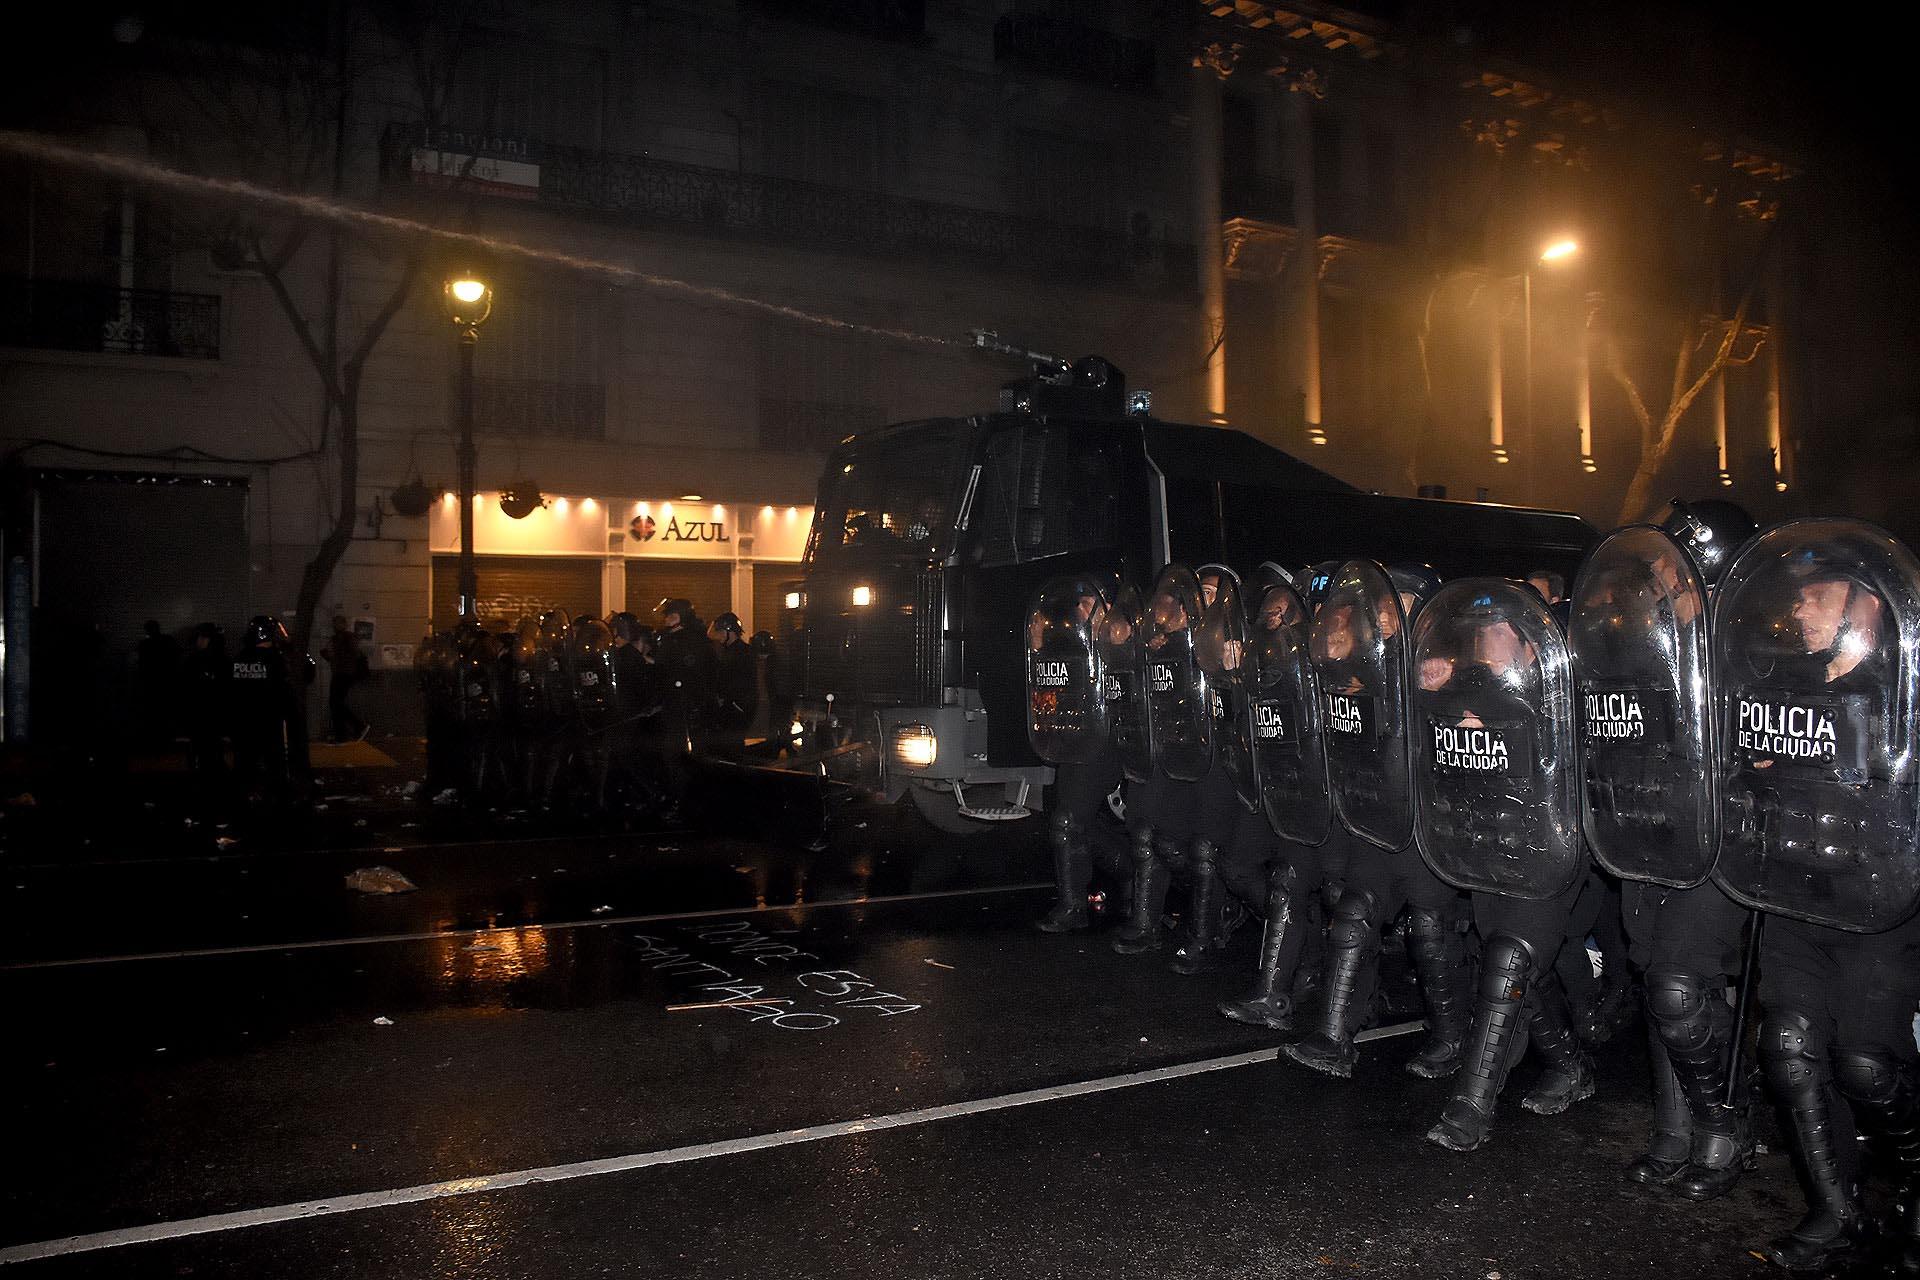 Nueve policías sufrieron heridas